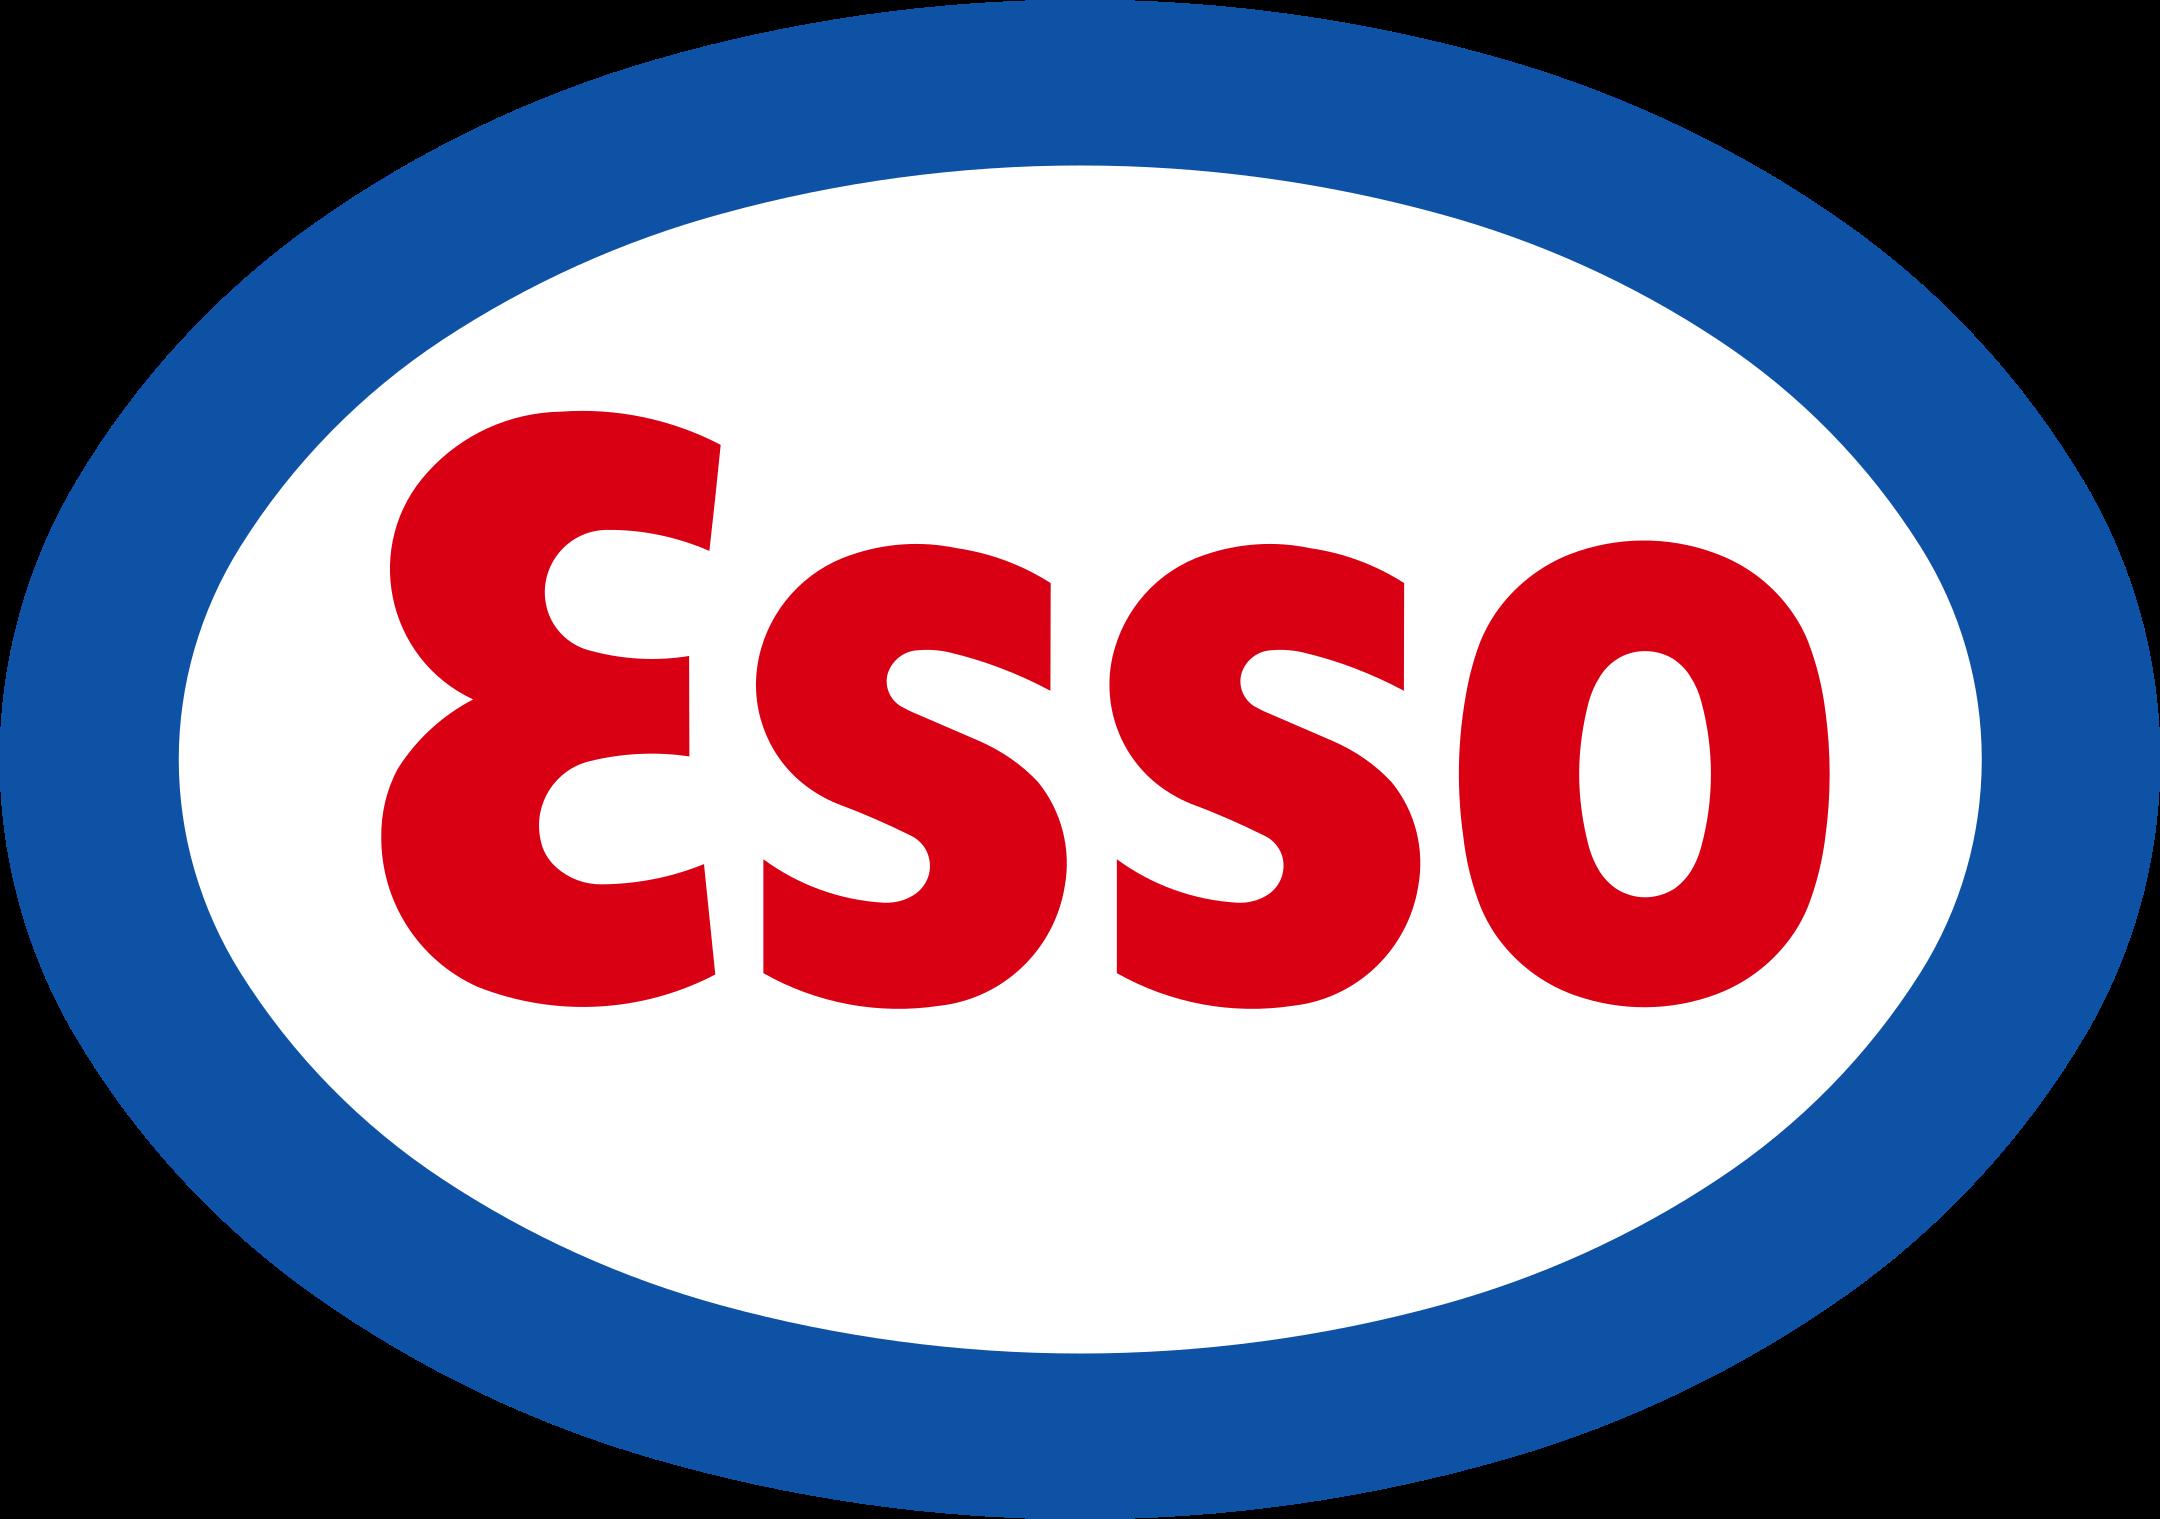 esso logo 1 - Esso Logo